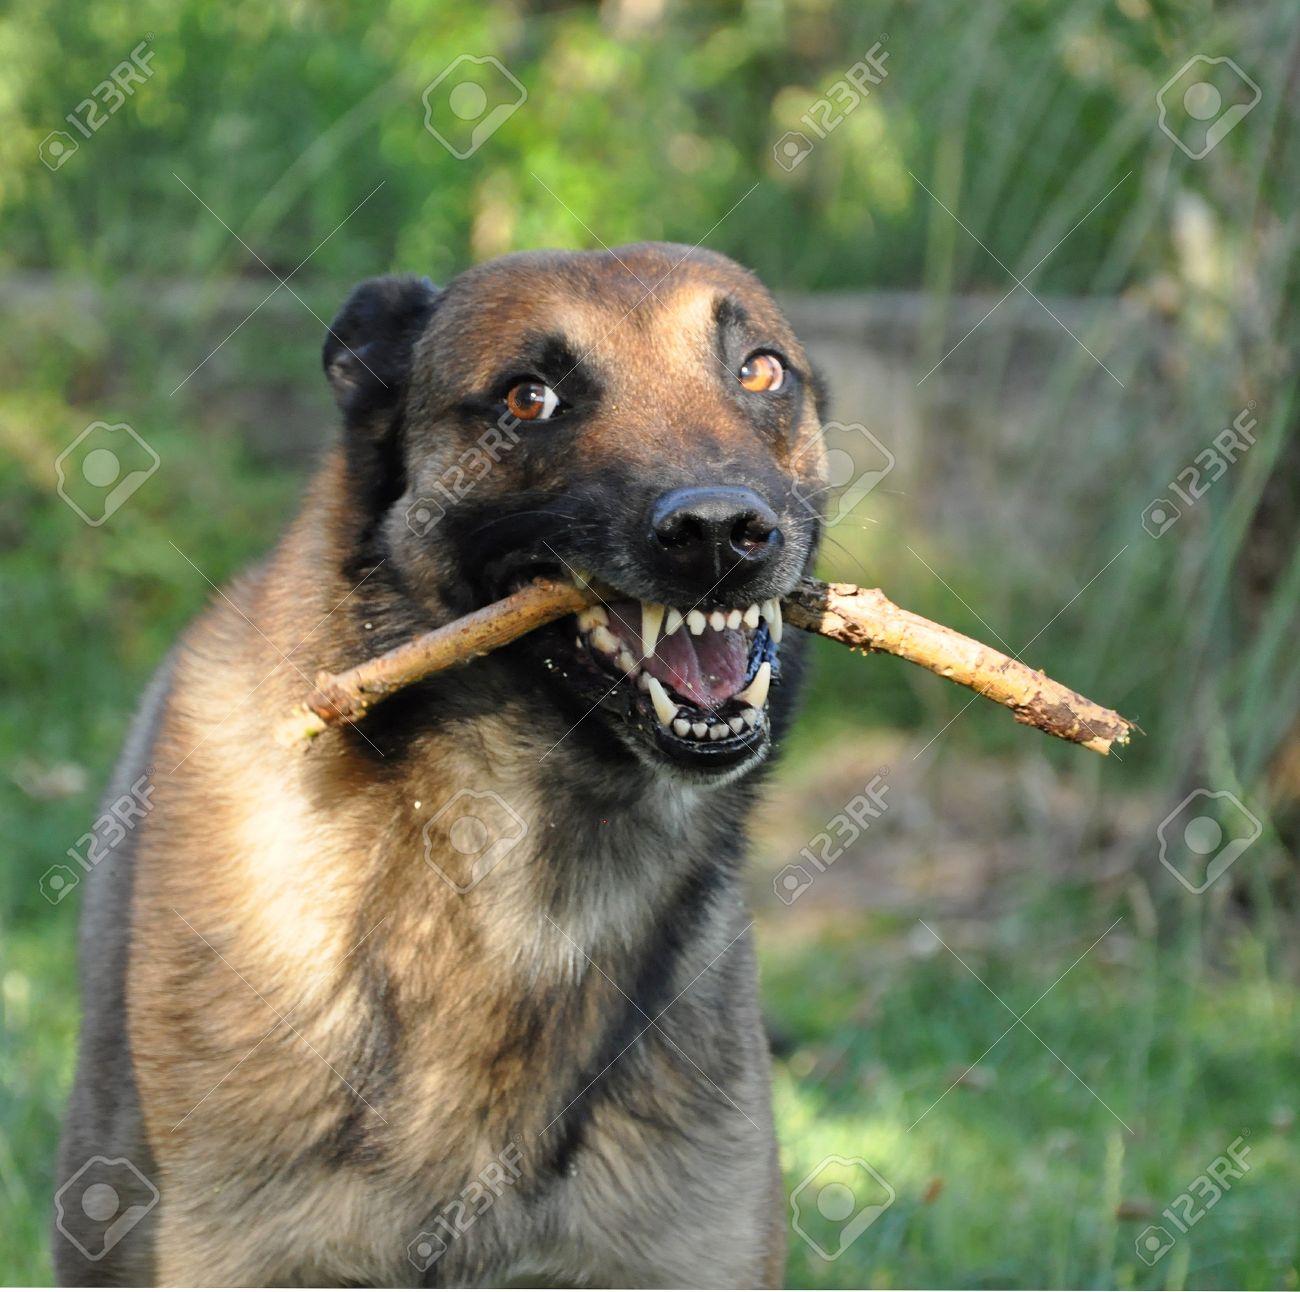 بالصور اشرس انواع الكلاب , كلاب خطر التعامل معها 2858 10